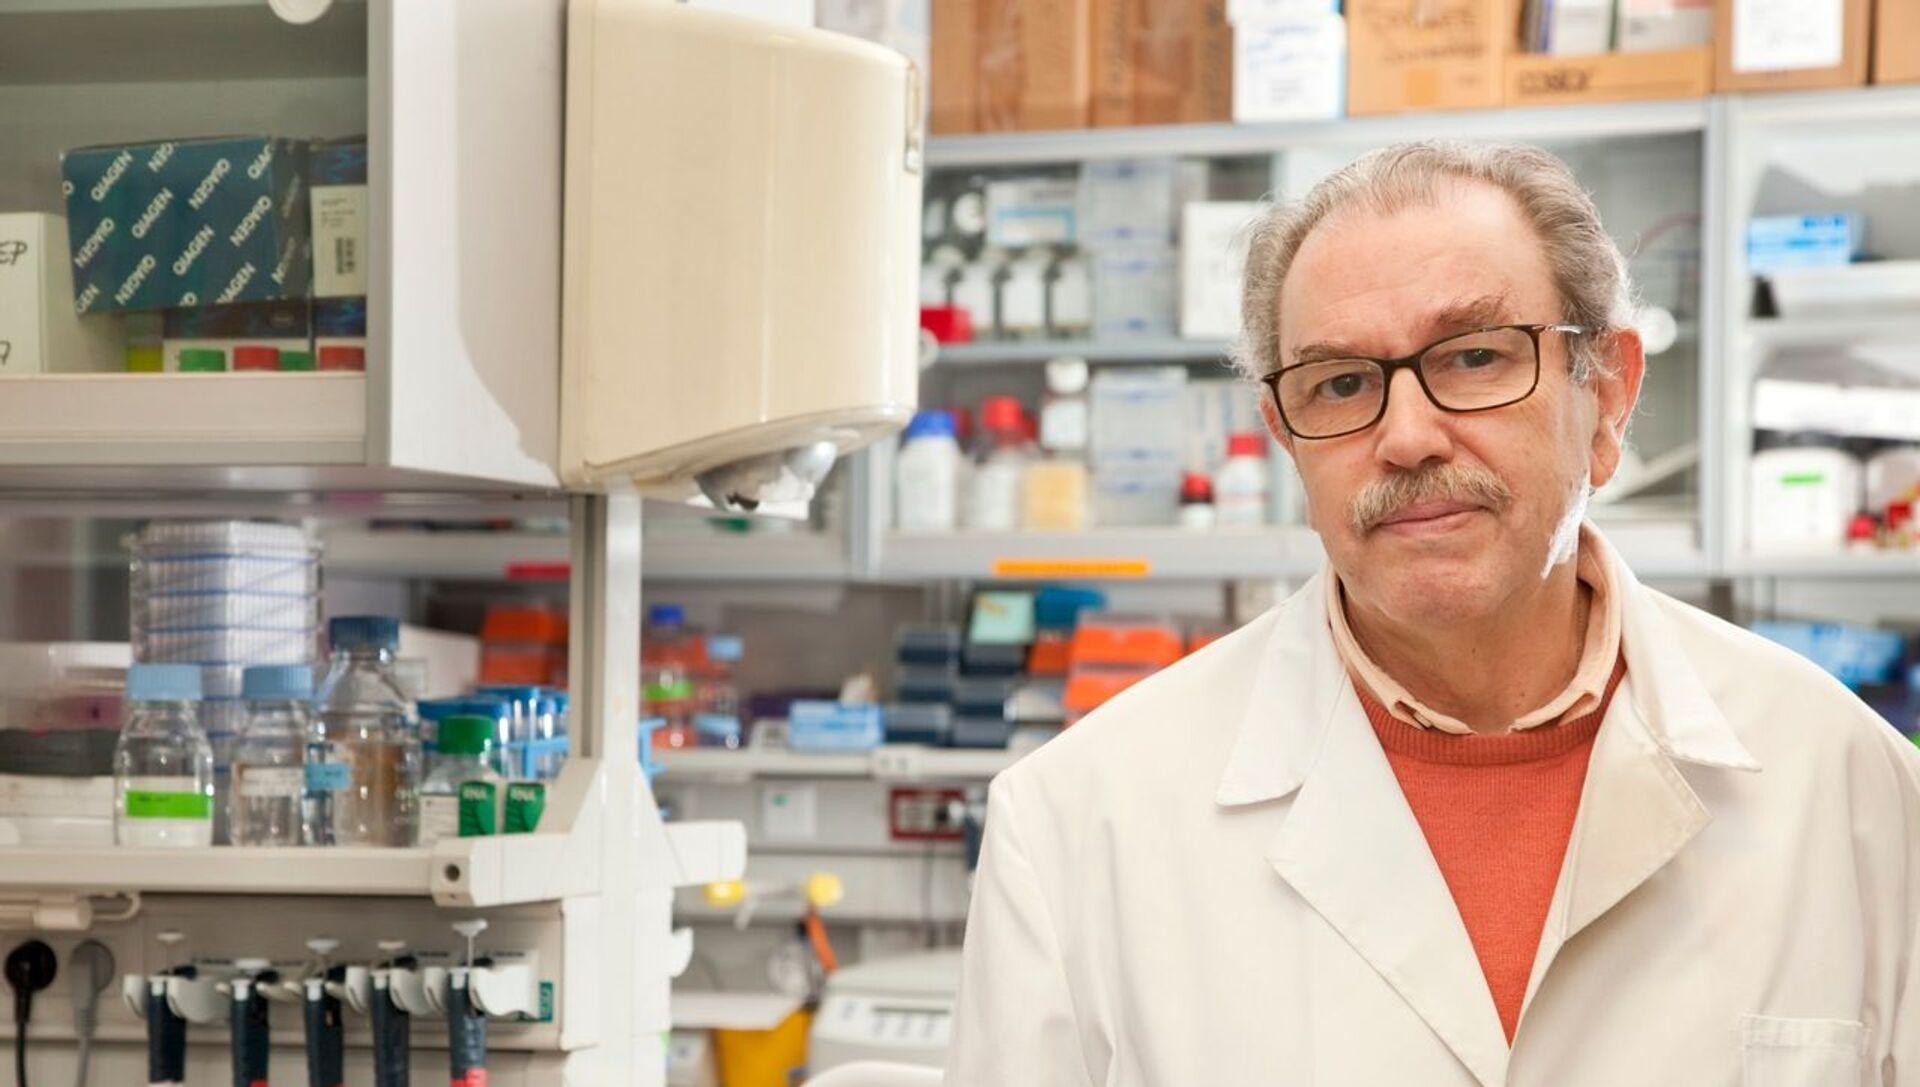 Vicente Larraga, virólogo del Centro de Investigaciones Biológicas (CIB-CSIC) - Sputnik Mundo, 1920, 23.01.2021